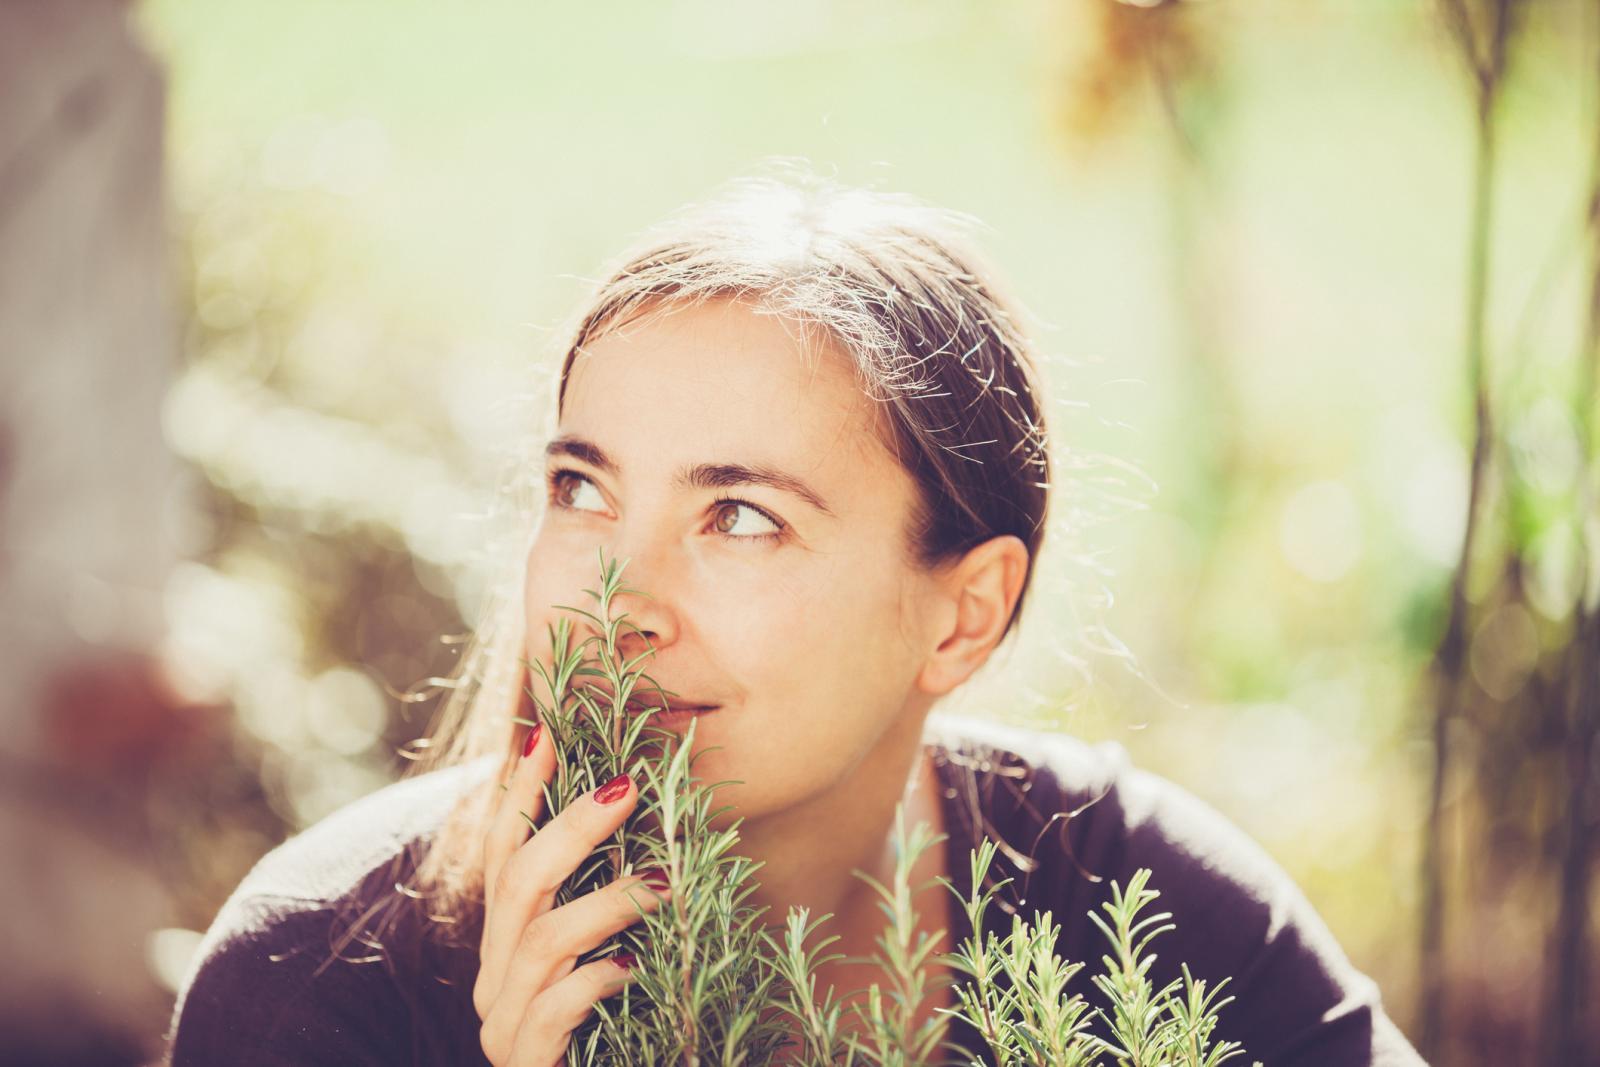 Ružmarin ublažava probavne teškoće, smiruje depresiju, glavobolju, potiče cirkulaciju krvi i menstruaciju, potiče rad žuči.